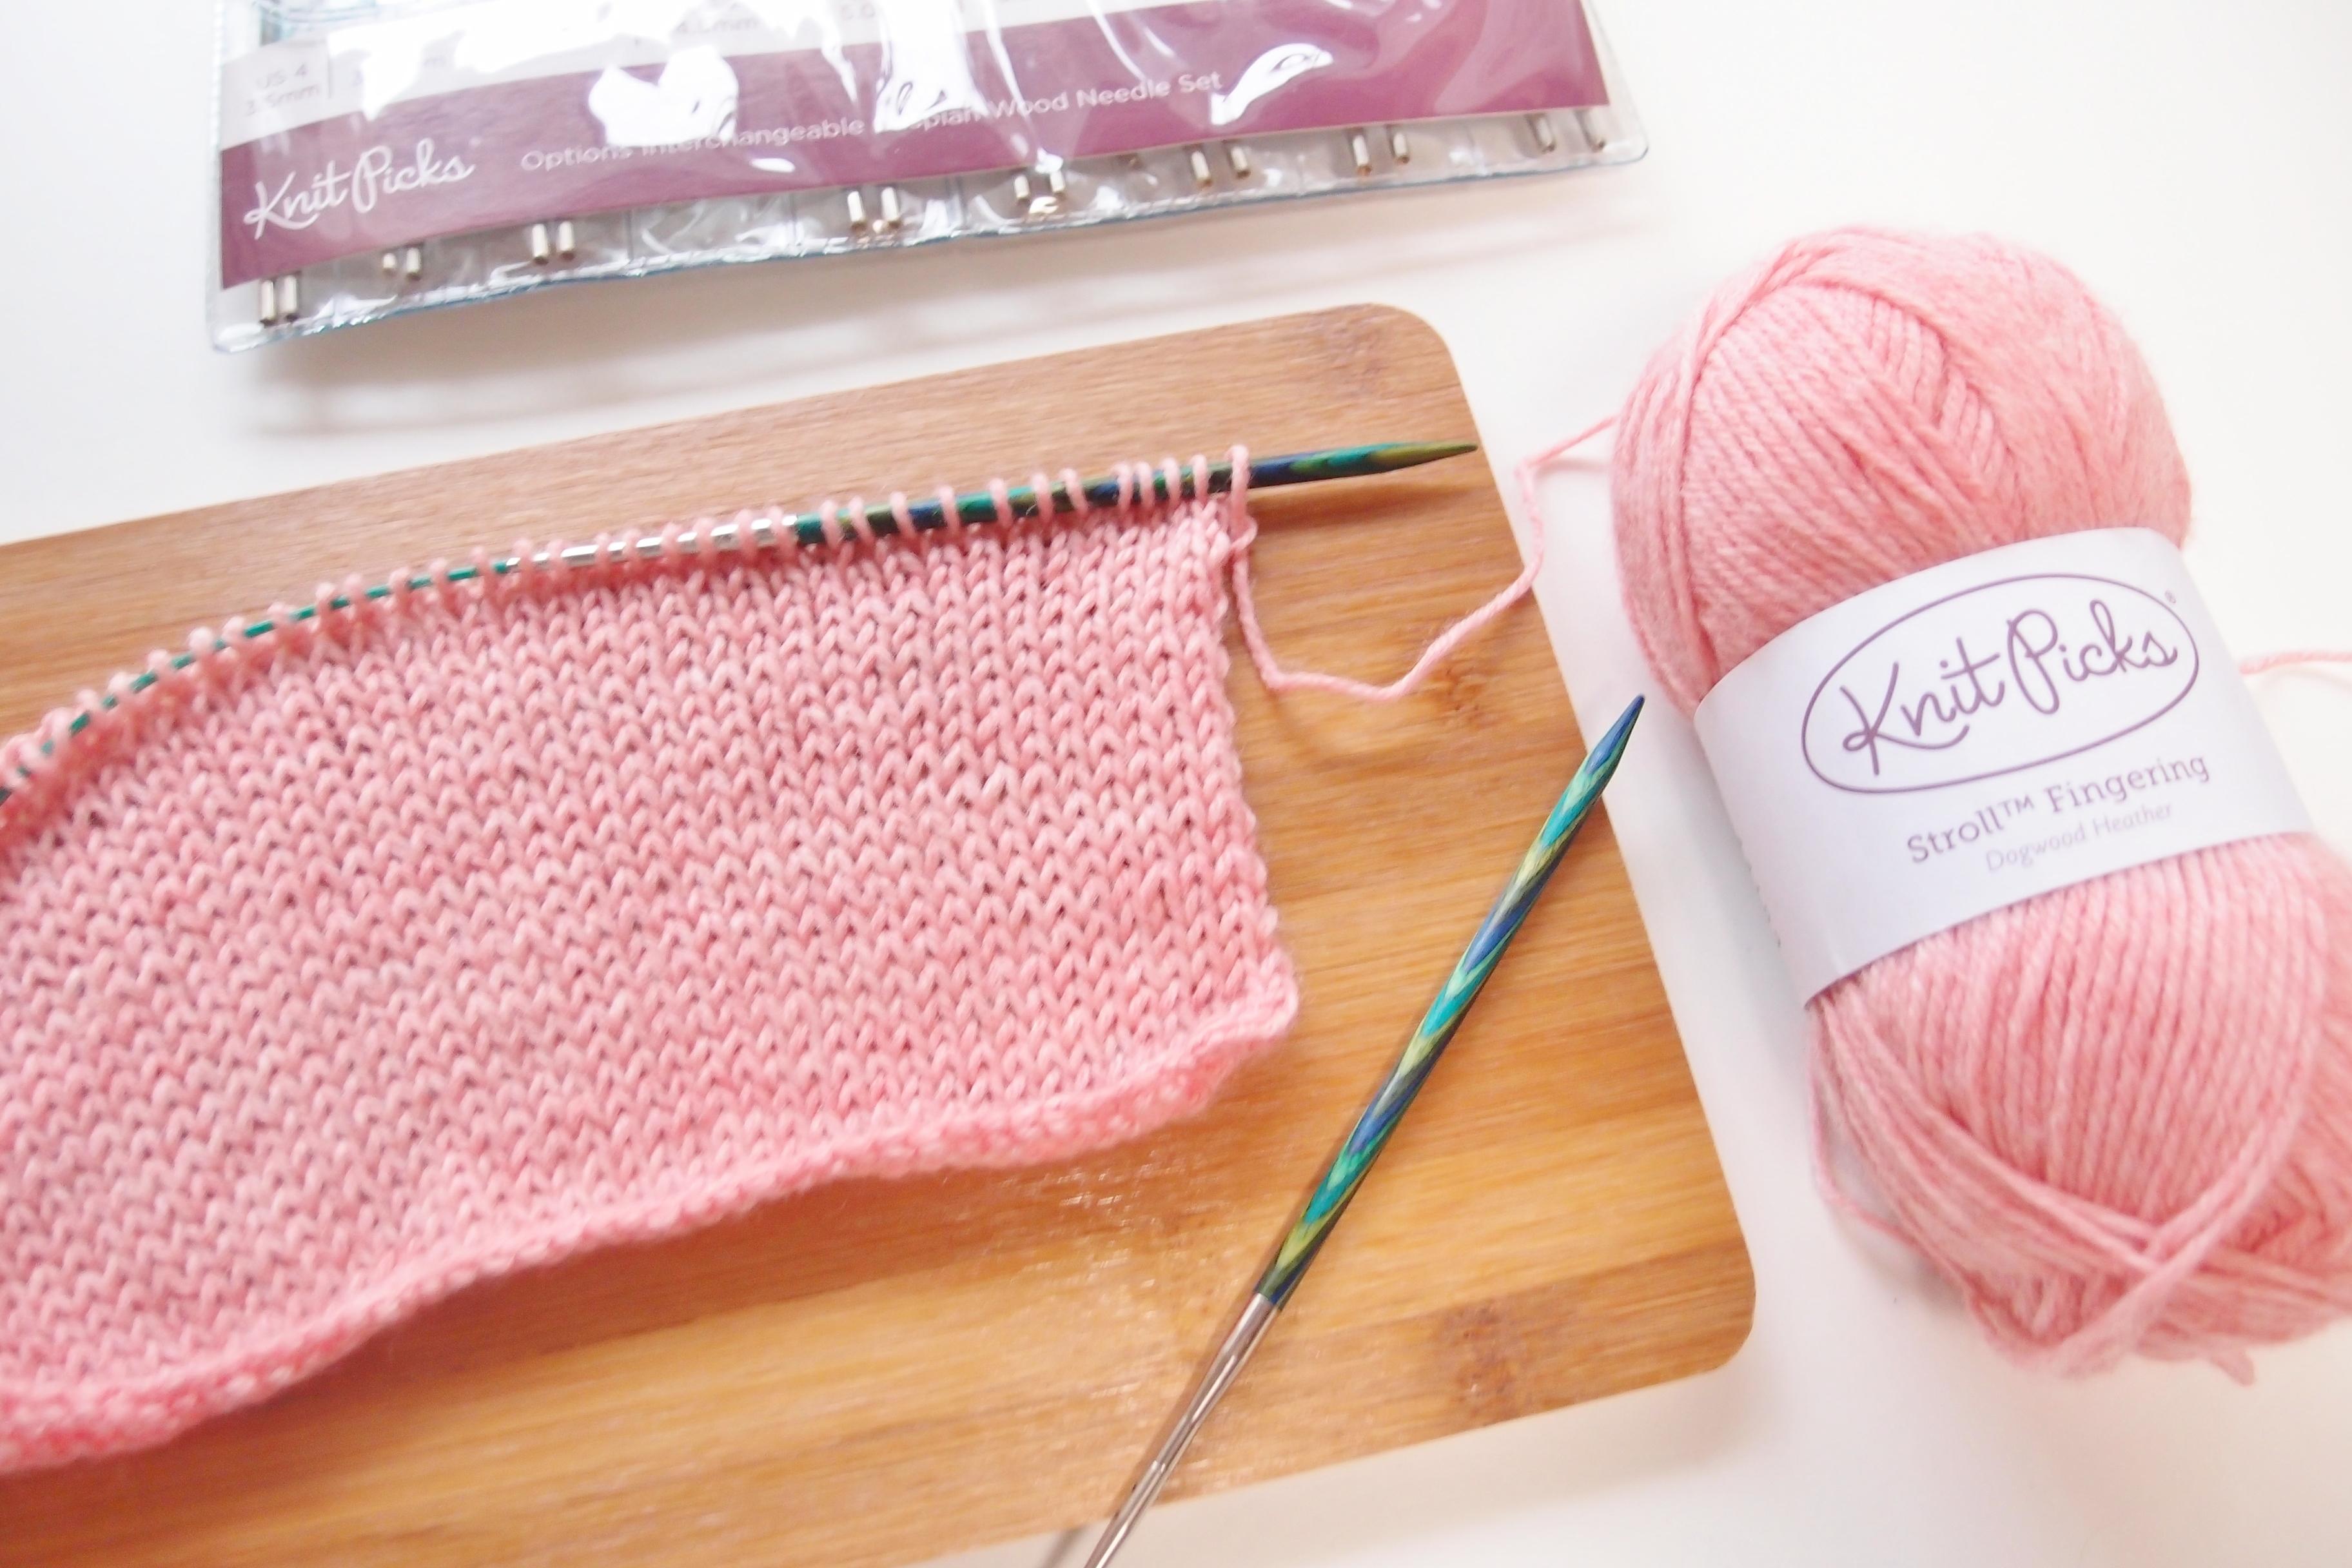 アメリカ式で編むと時間がかかって編地が硬くなると言う悩みに対しての、具体的な解決策